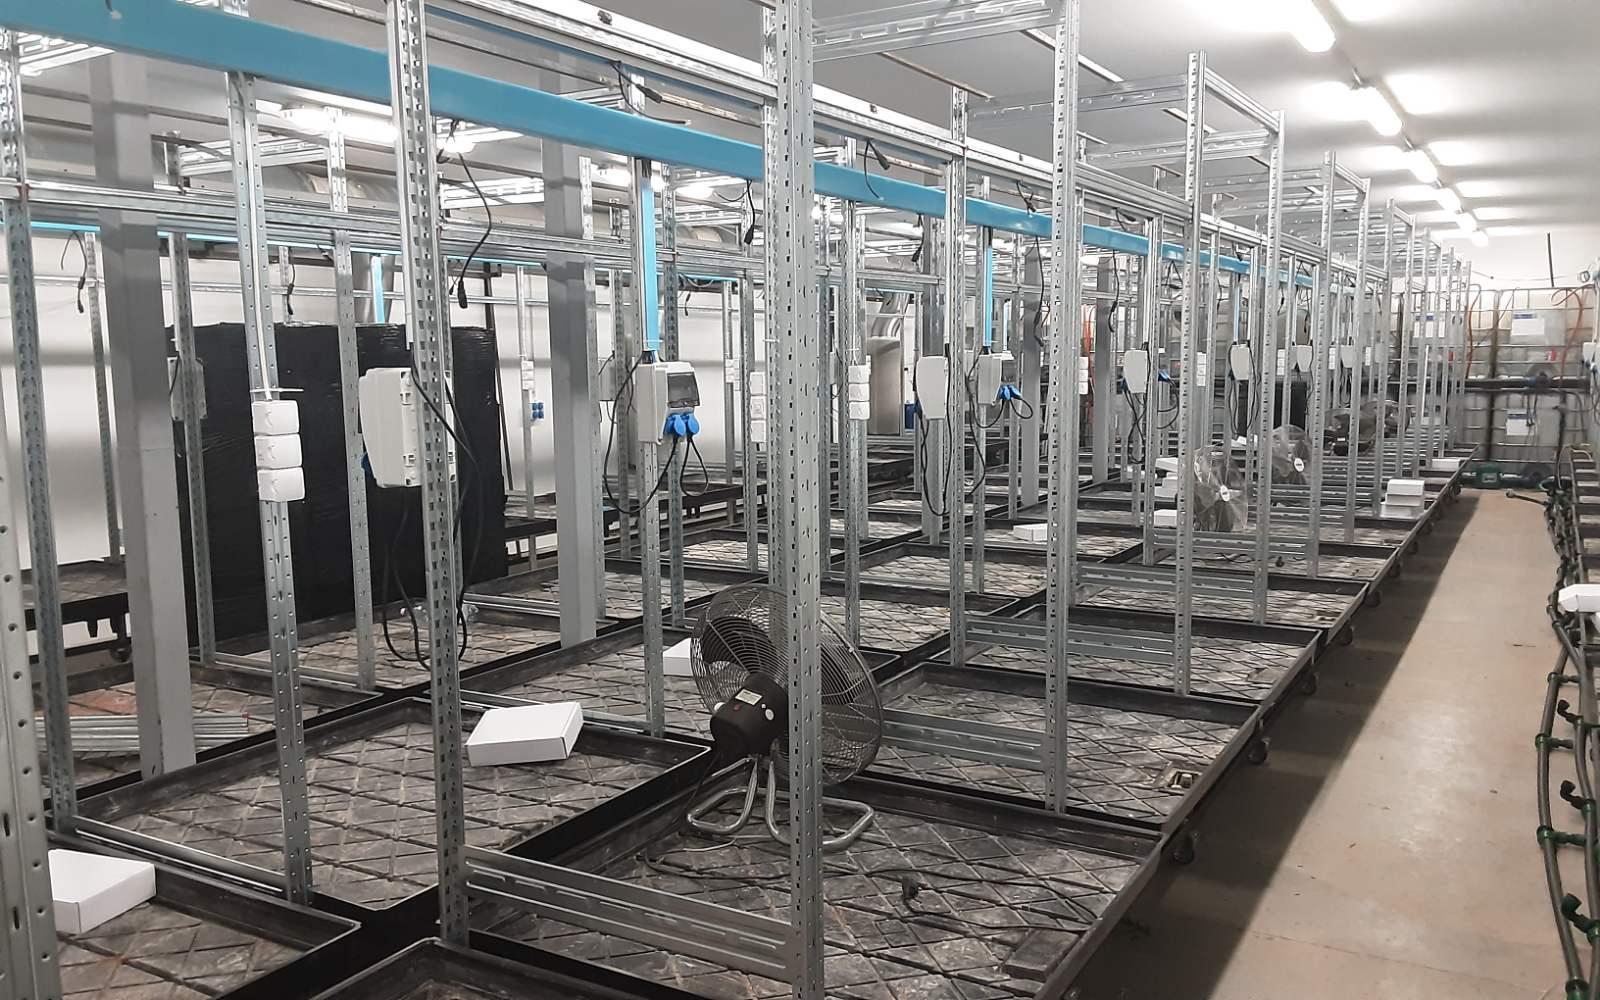 Kétszintes, high-tech droglabort lepleztek le Kecskeméten